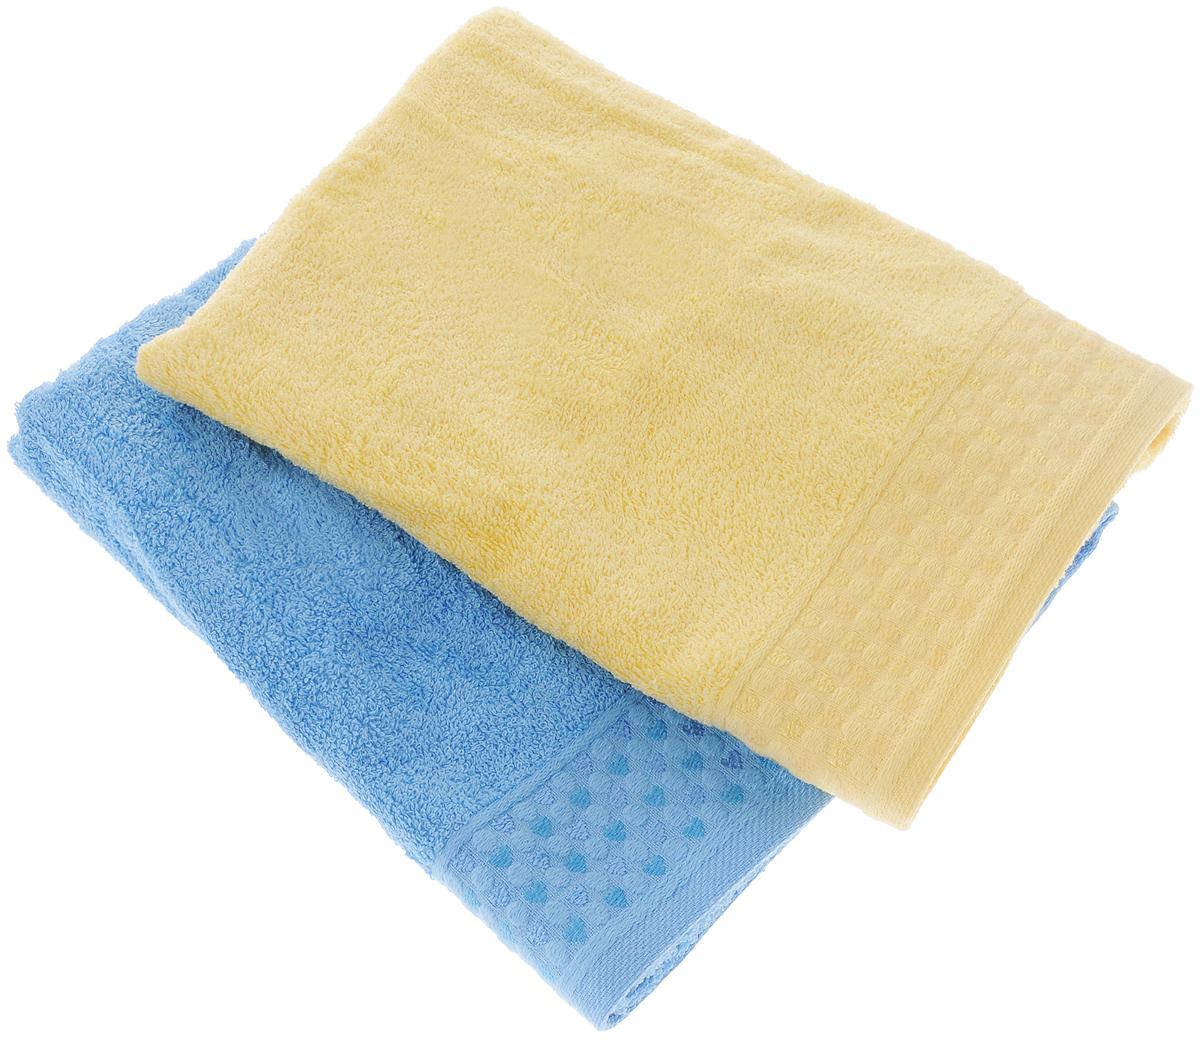 Набор полотенец Tete-a-Tete Сердечки, цвет: голубой, желтый, 50 х 90 см, 2 штУП-107-03-2кНабор Tete-a-Tete Сердечки состоит из двух махровых полотенец, выполненных из натурального 100% хлопка. Бордюр полотенец декорирован рисунком сердечек. Изделия мягкие, отлично впитывают влагу, быстро сохнут, сохраняют яркость цвета и не теряют форму даже после многократных стирок. Полотенца Tete-a-Tete Сердечки очень практичны и неприхотливы в уходе. Они легко впишутся в любой интерьер благодаря своей нежной цветовой гамме. Набор упакован в красивую коробку и может послужить отличной идеей для подарка. Размер полотенец: 50 х 90 см.